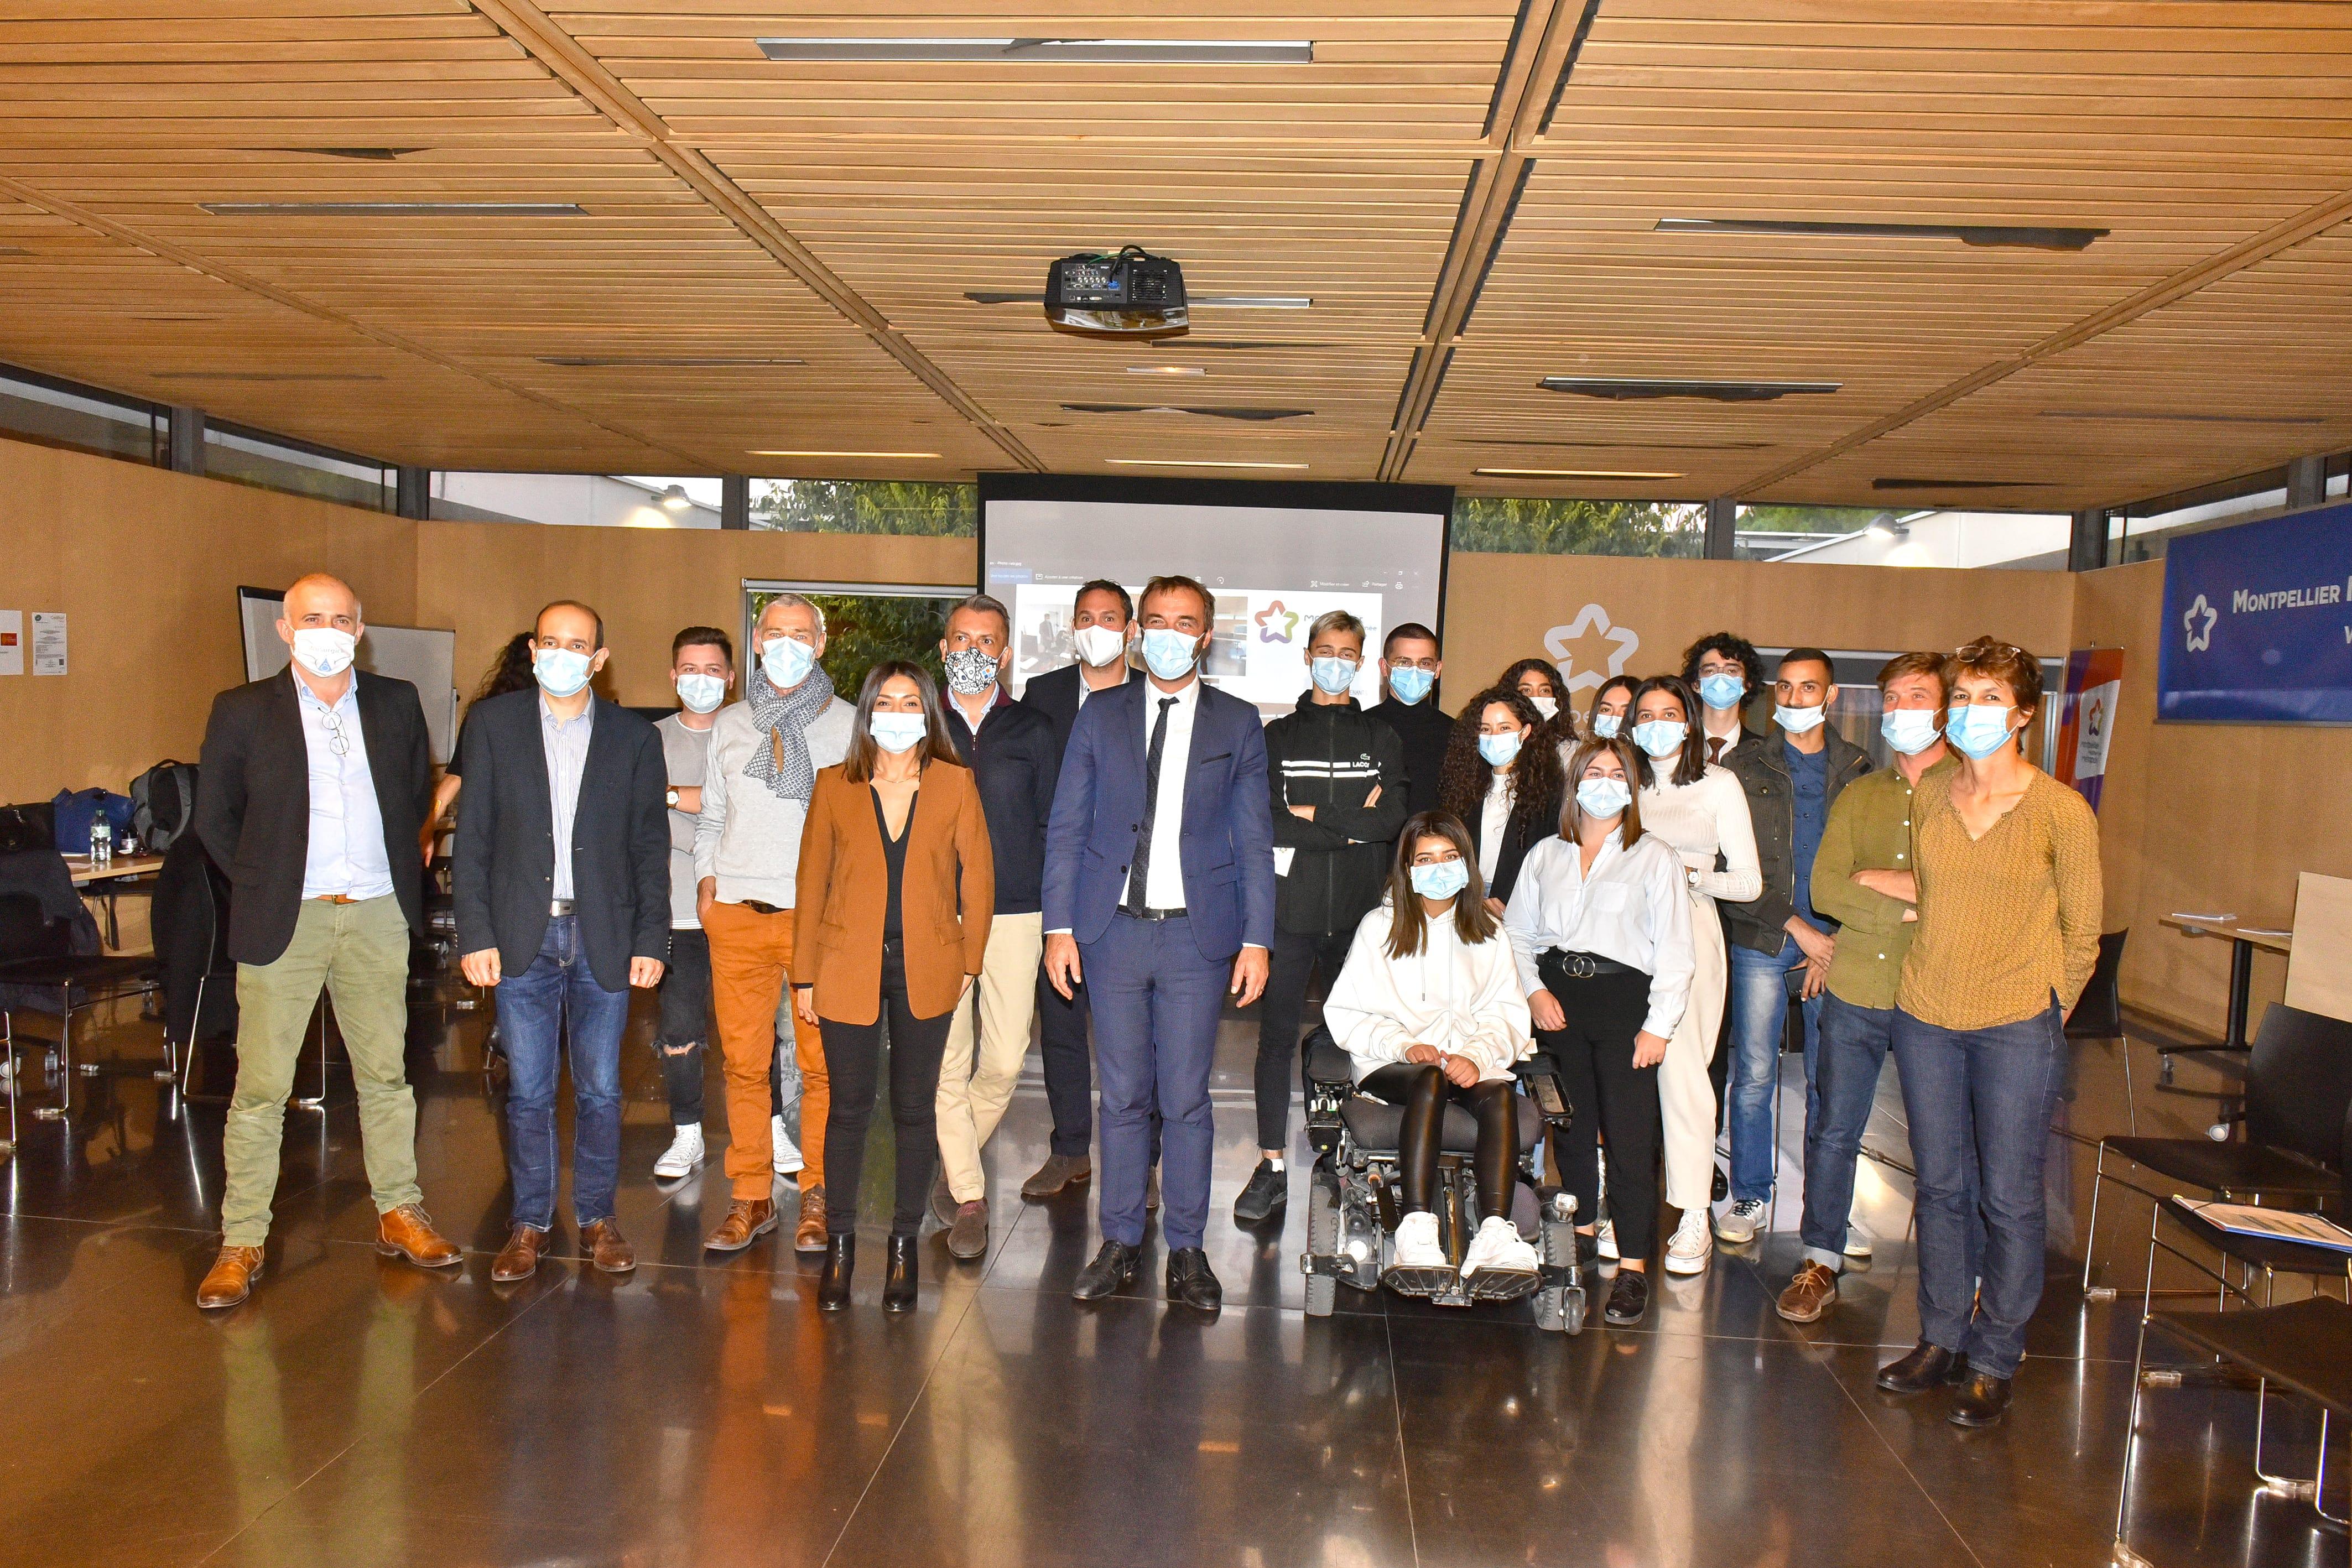 Montpellier : célébration des gagnants du 22e concours I-LAB